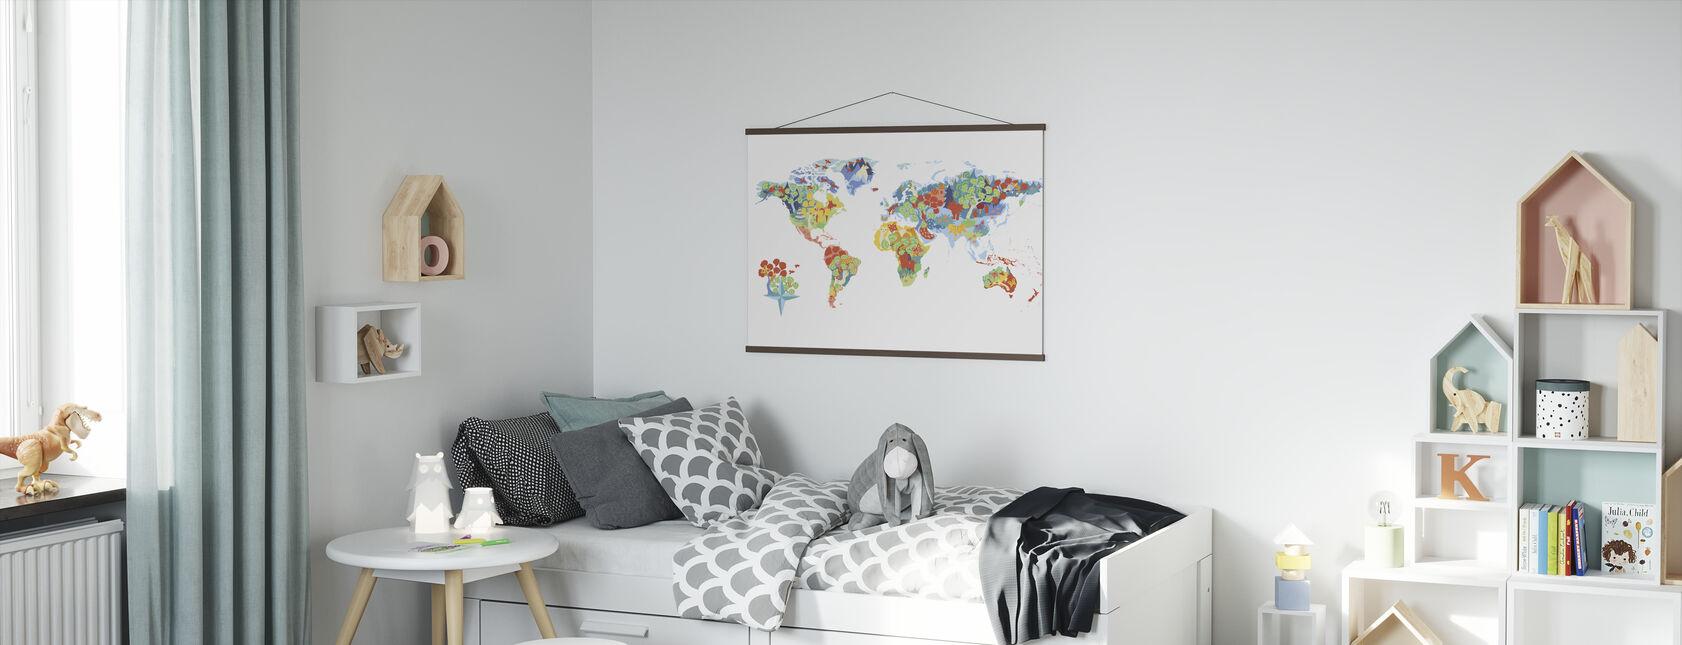 Wunderbare Welt - Poster - Kinderzimmer